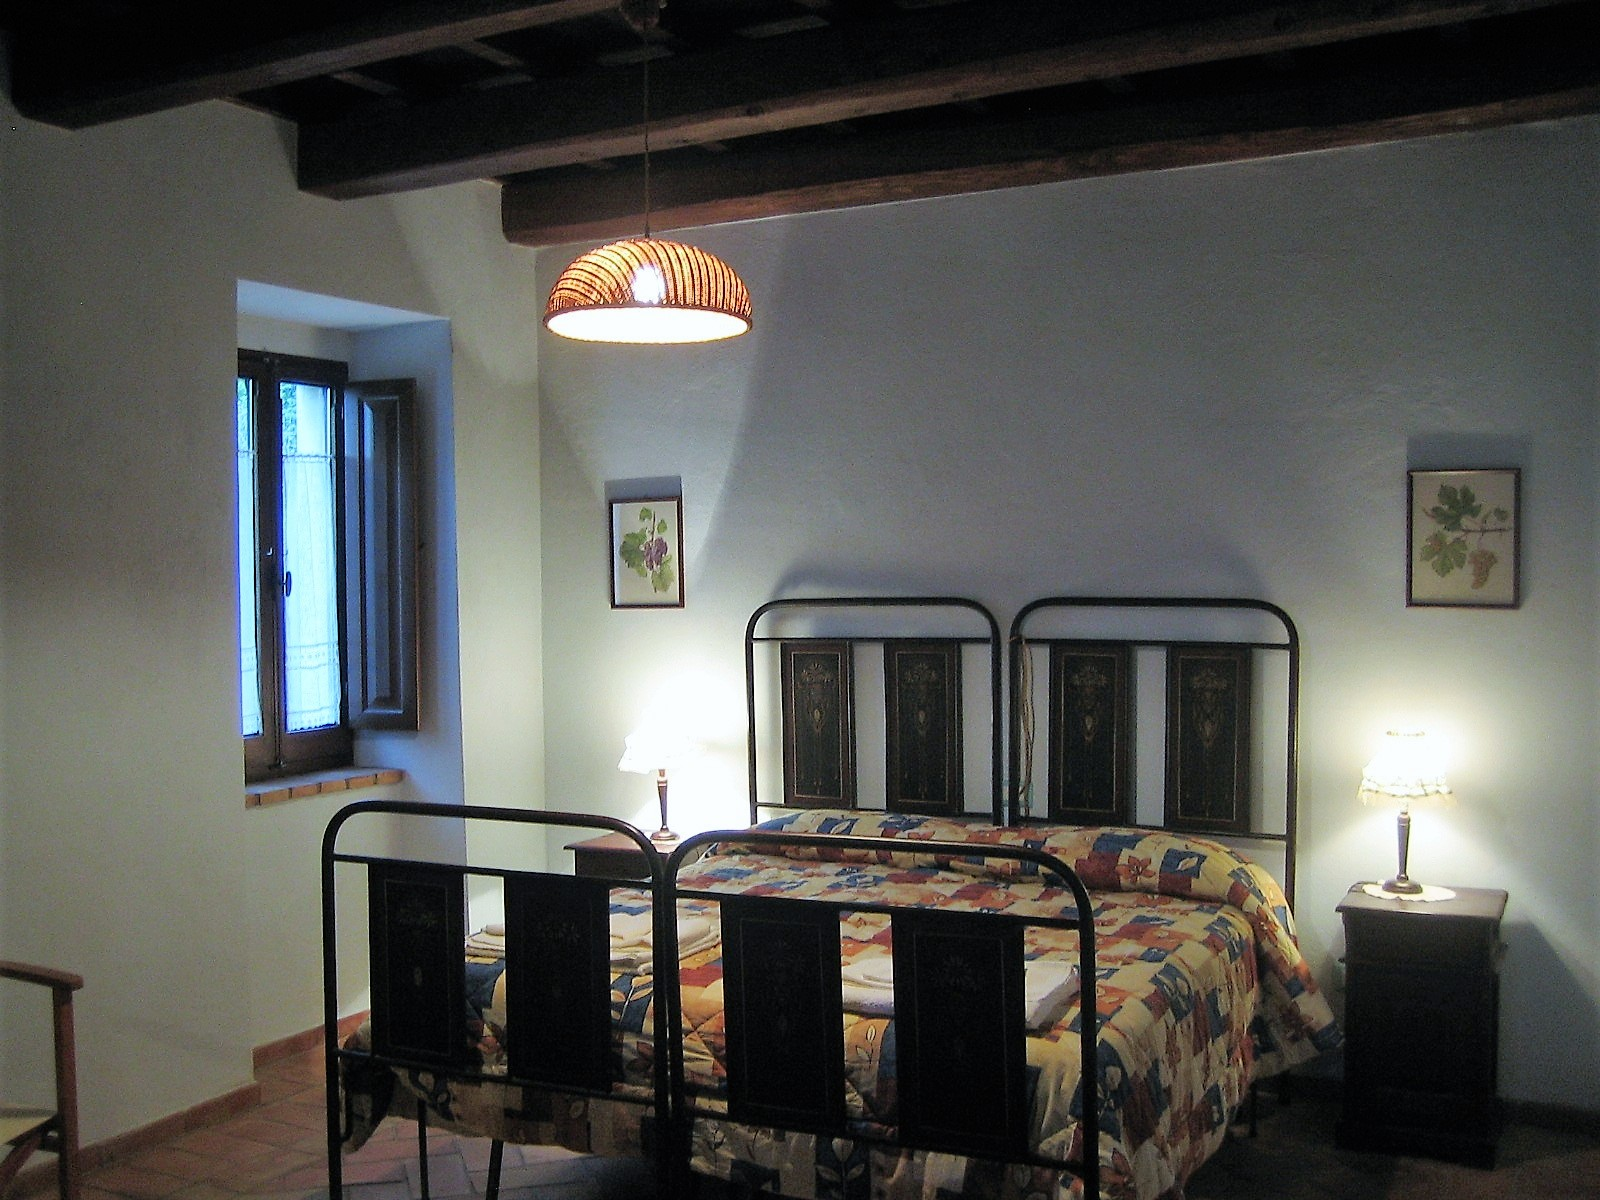 Casolare Casolare in vendita Abbateggio (PE), Casa Selva - Abbateggio - EUR 450.000 90